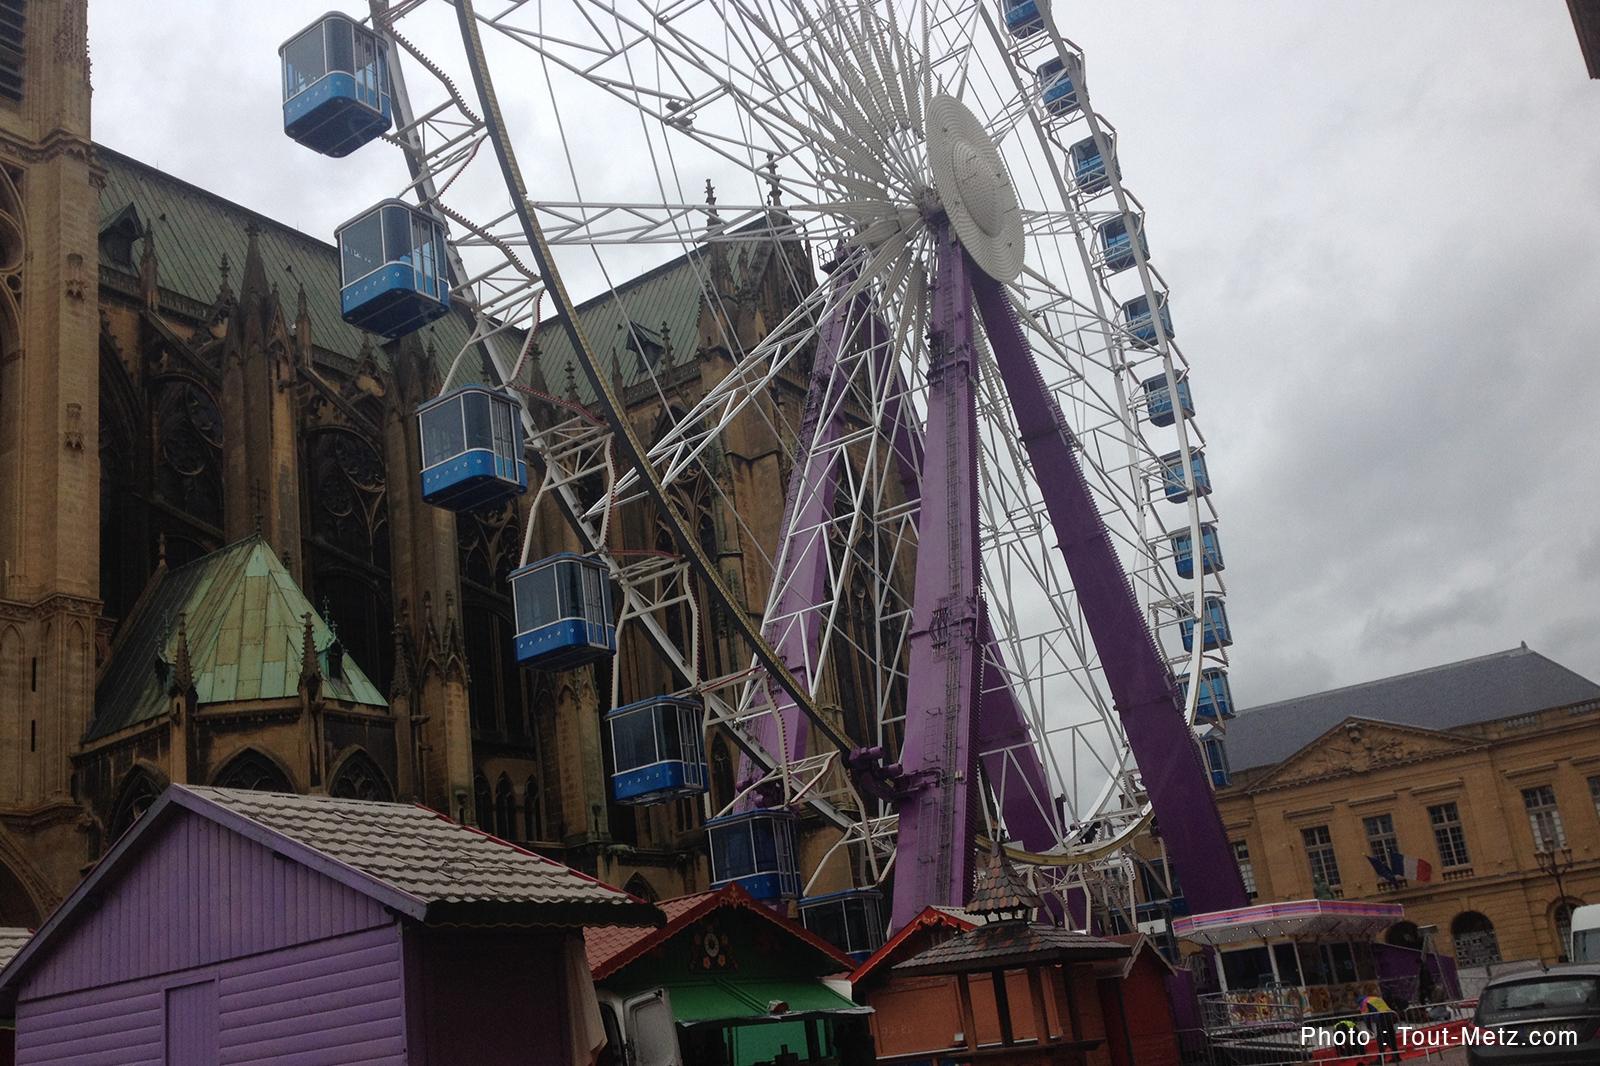 Photos : la grande roue de Metz est prête, ouverture prévue samedi